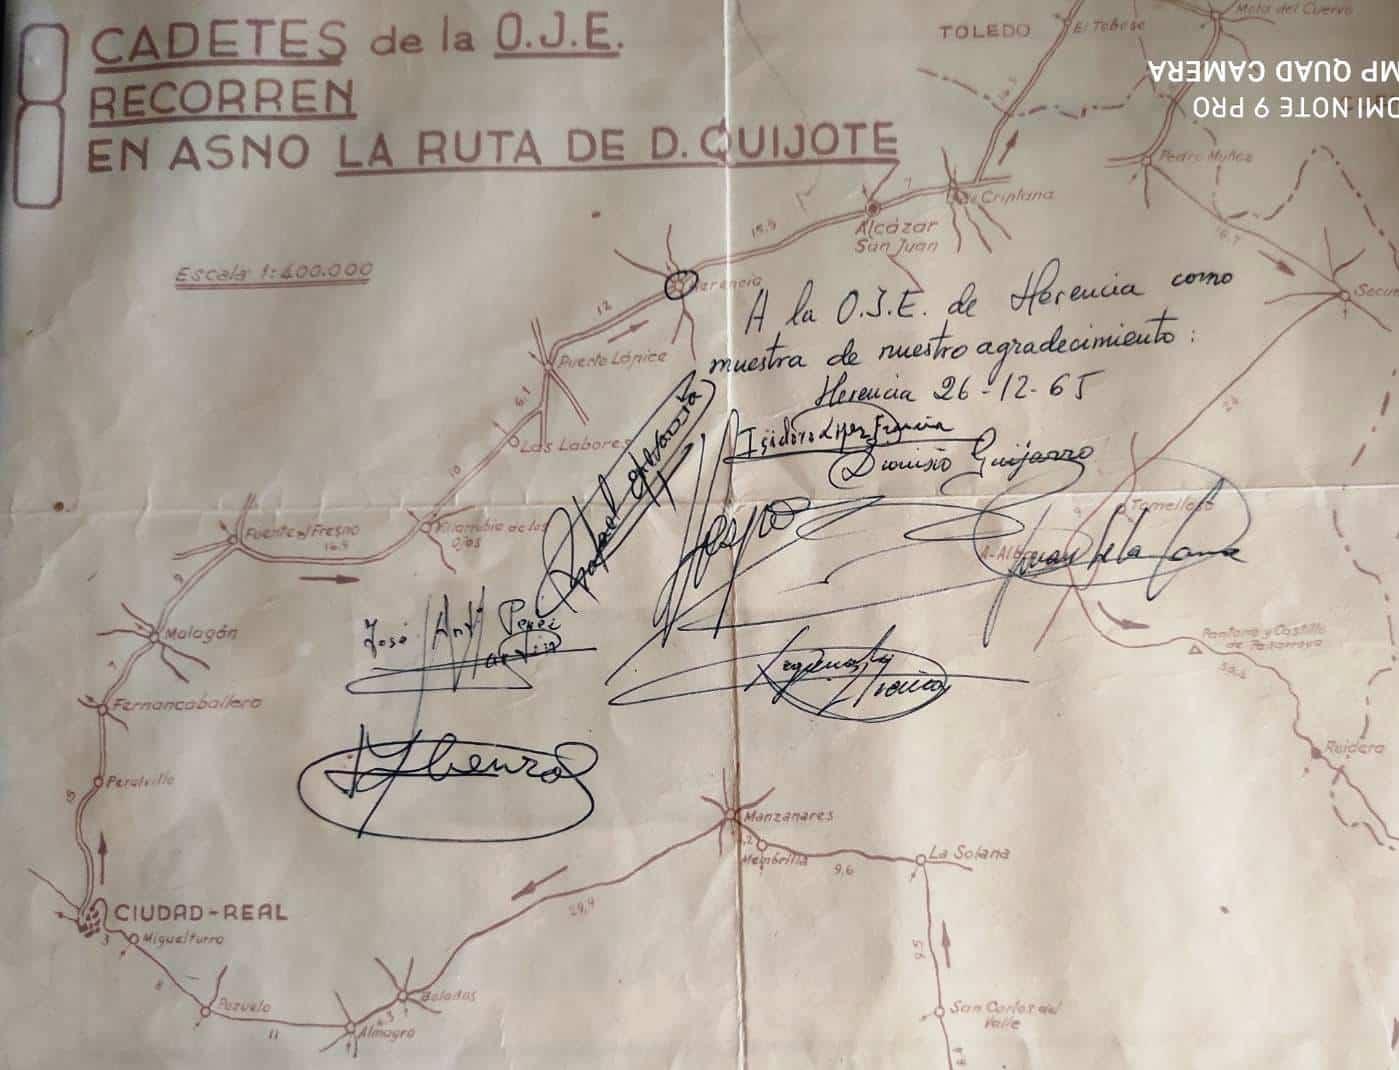 plano y firmas - La Ruta del Quijote en burro